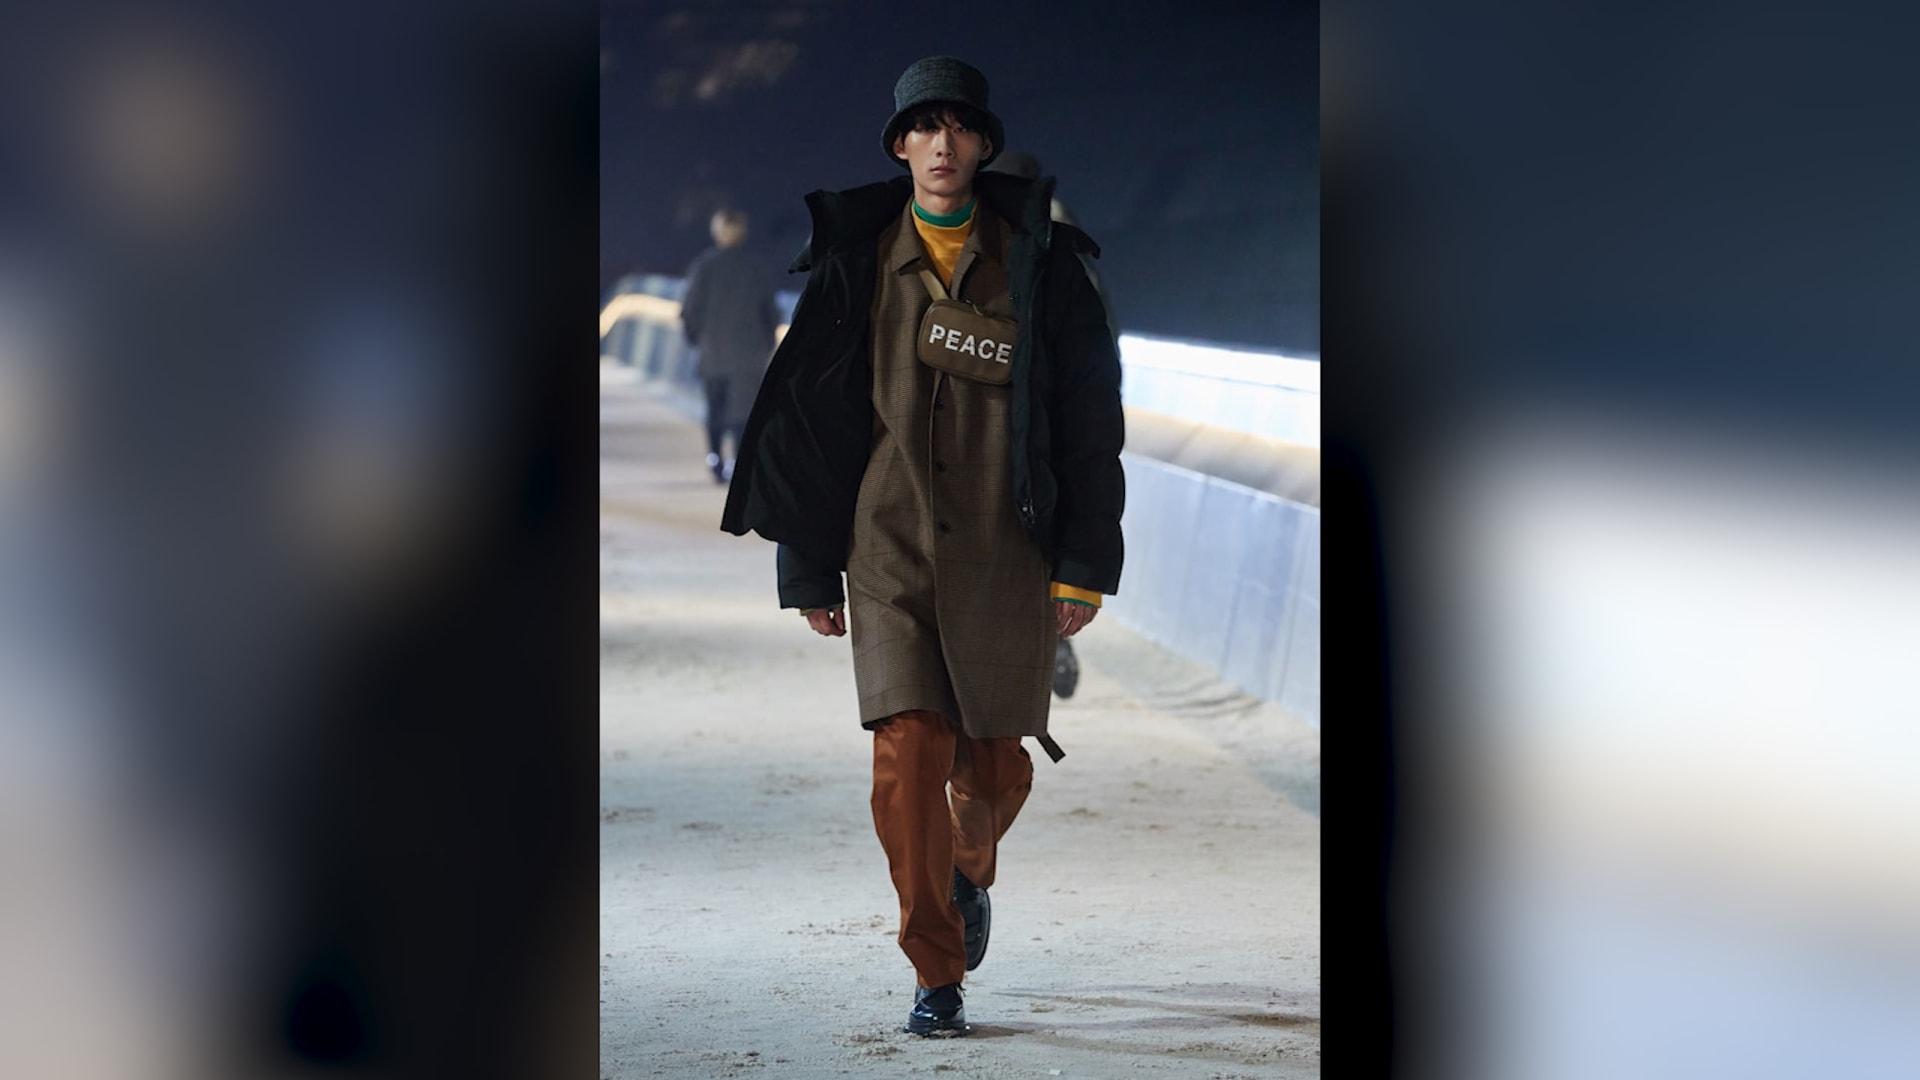 بعيداً عن الأزياء والموضة.. ما الجانب الآخر الذي حمله أسبوع الموضة في سول؟